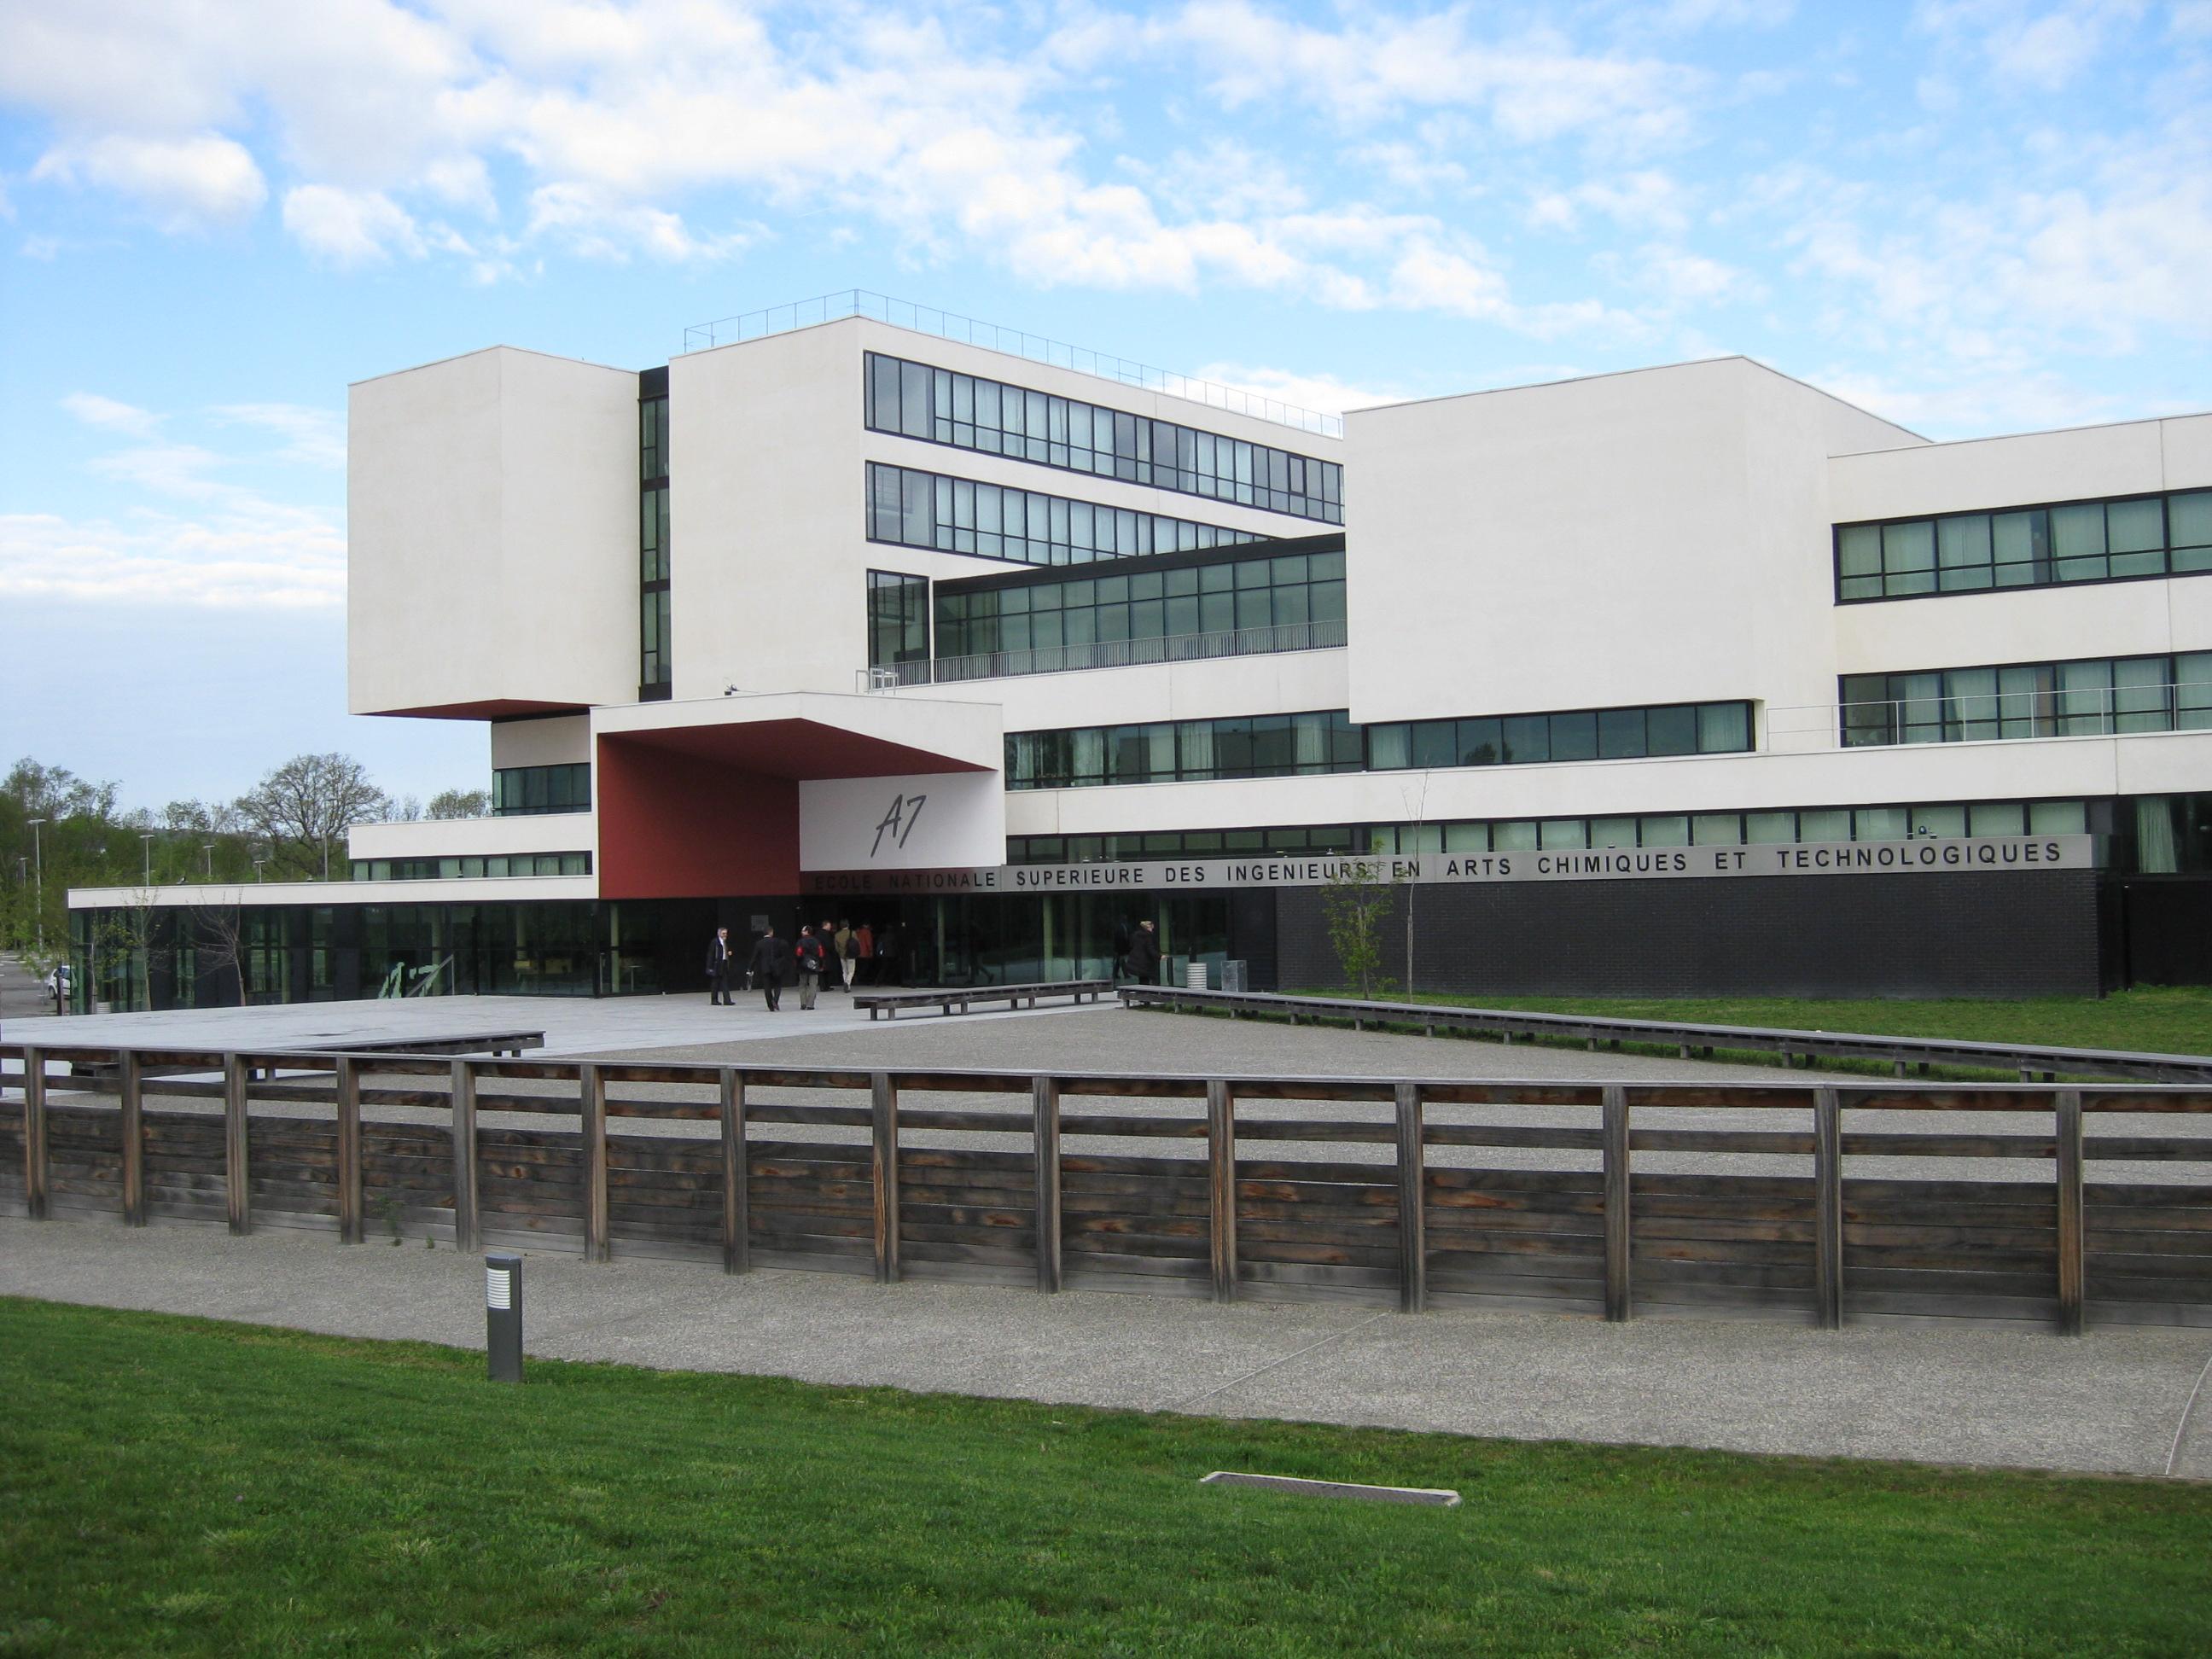 Design D Espace Toulouse École nationale supérieure des ingénieurs en arts chimiques